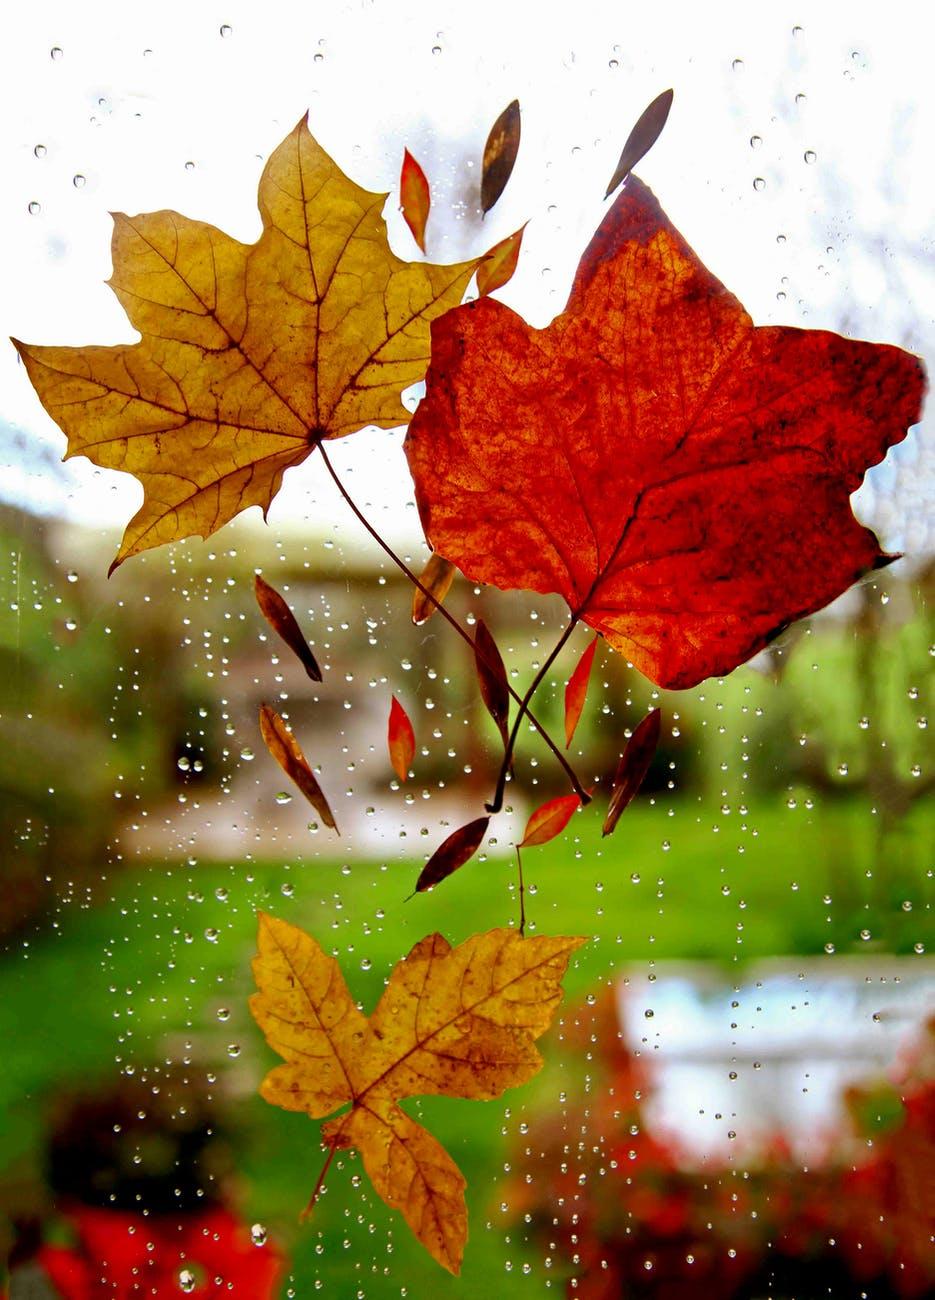 Καιρός Πέμπτη: Βροχές και καταιγίδες και σήμερα – Πού θα εκδηλωθούν έντονα καιρικάφαινόμενα